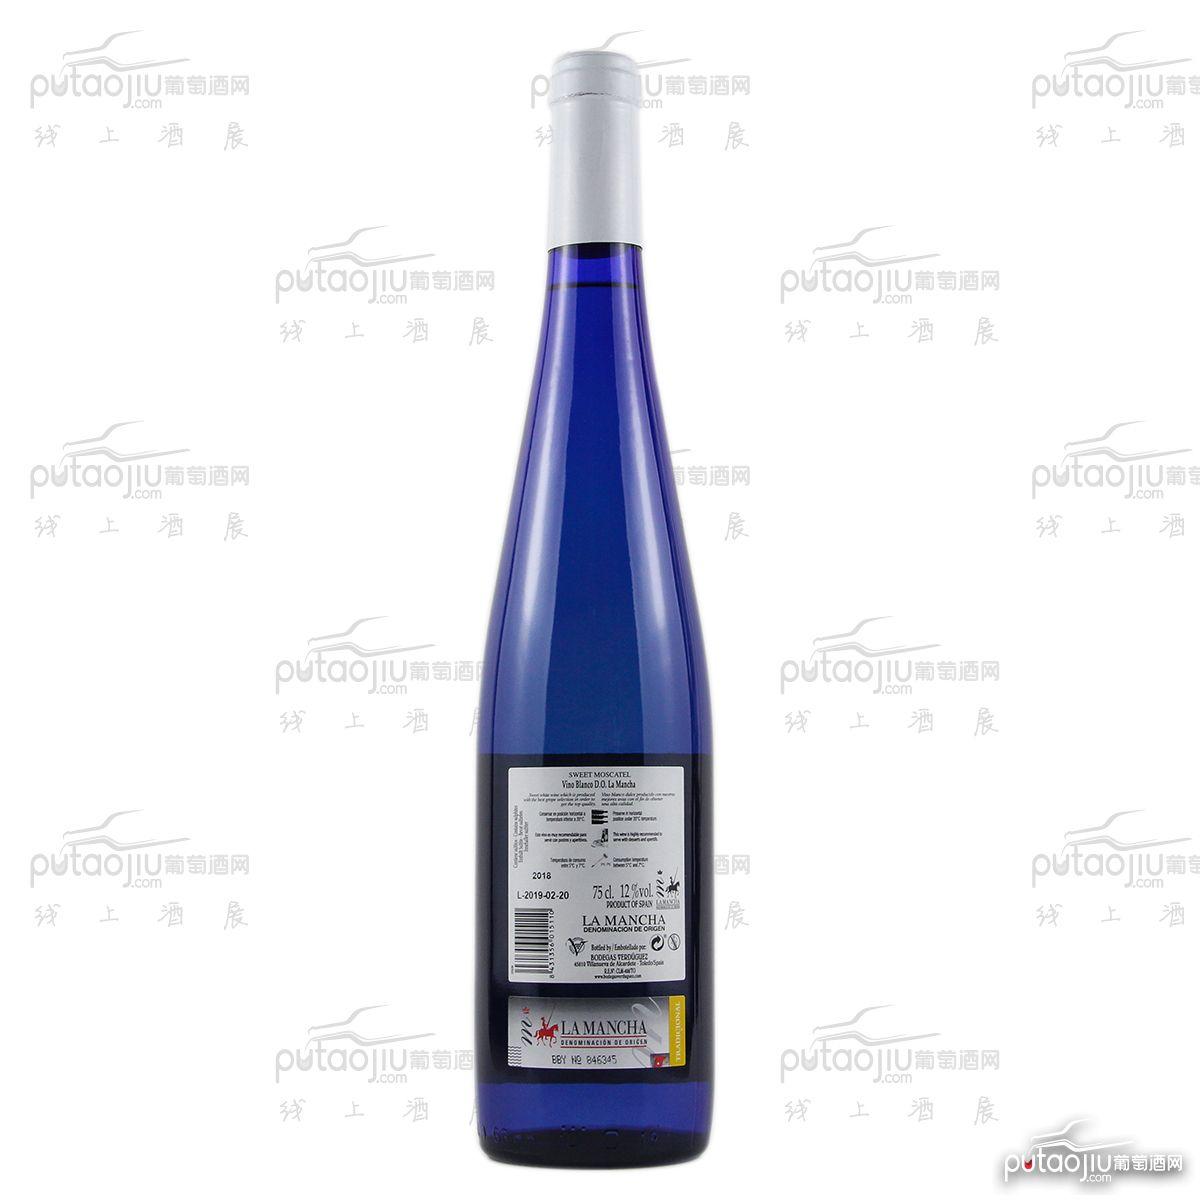 西班牙拉曼恰贝督斯格酒庄麝香蓝色海岸甜白葡萄酒